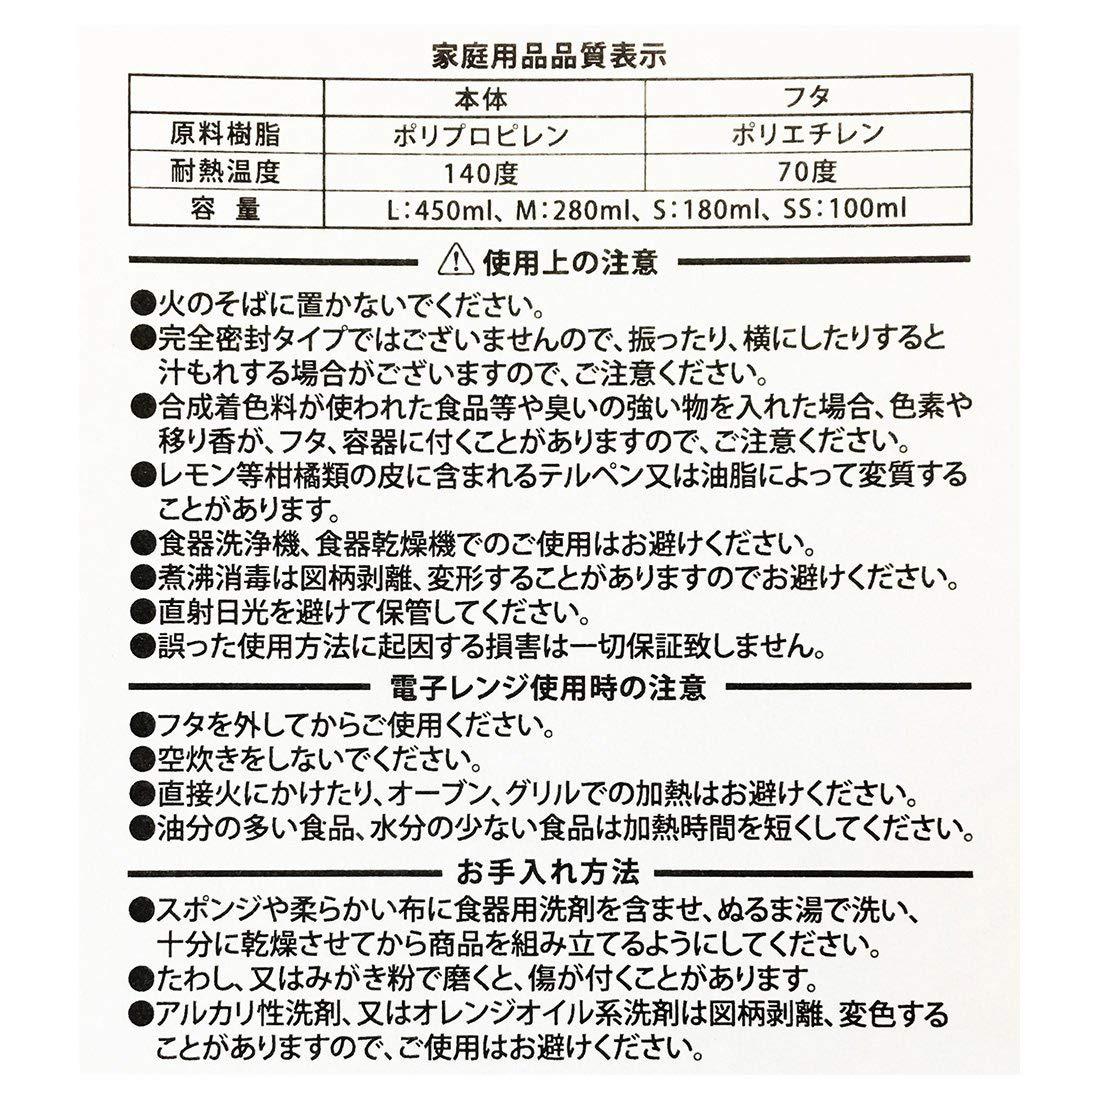 【入荷済】「マーベル」4Pランチボックス コスチューム